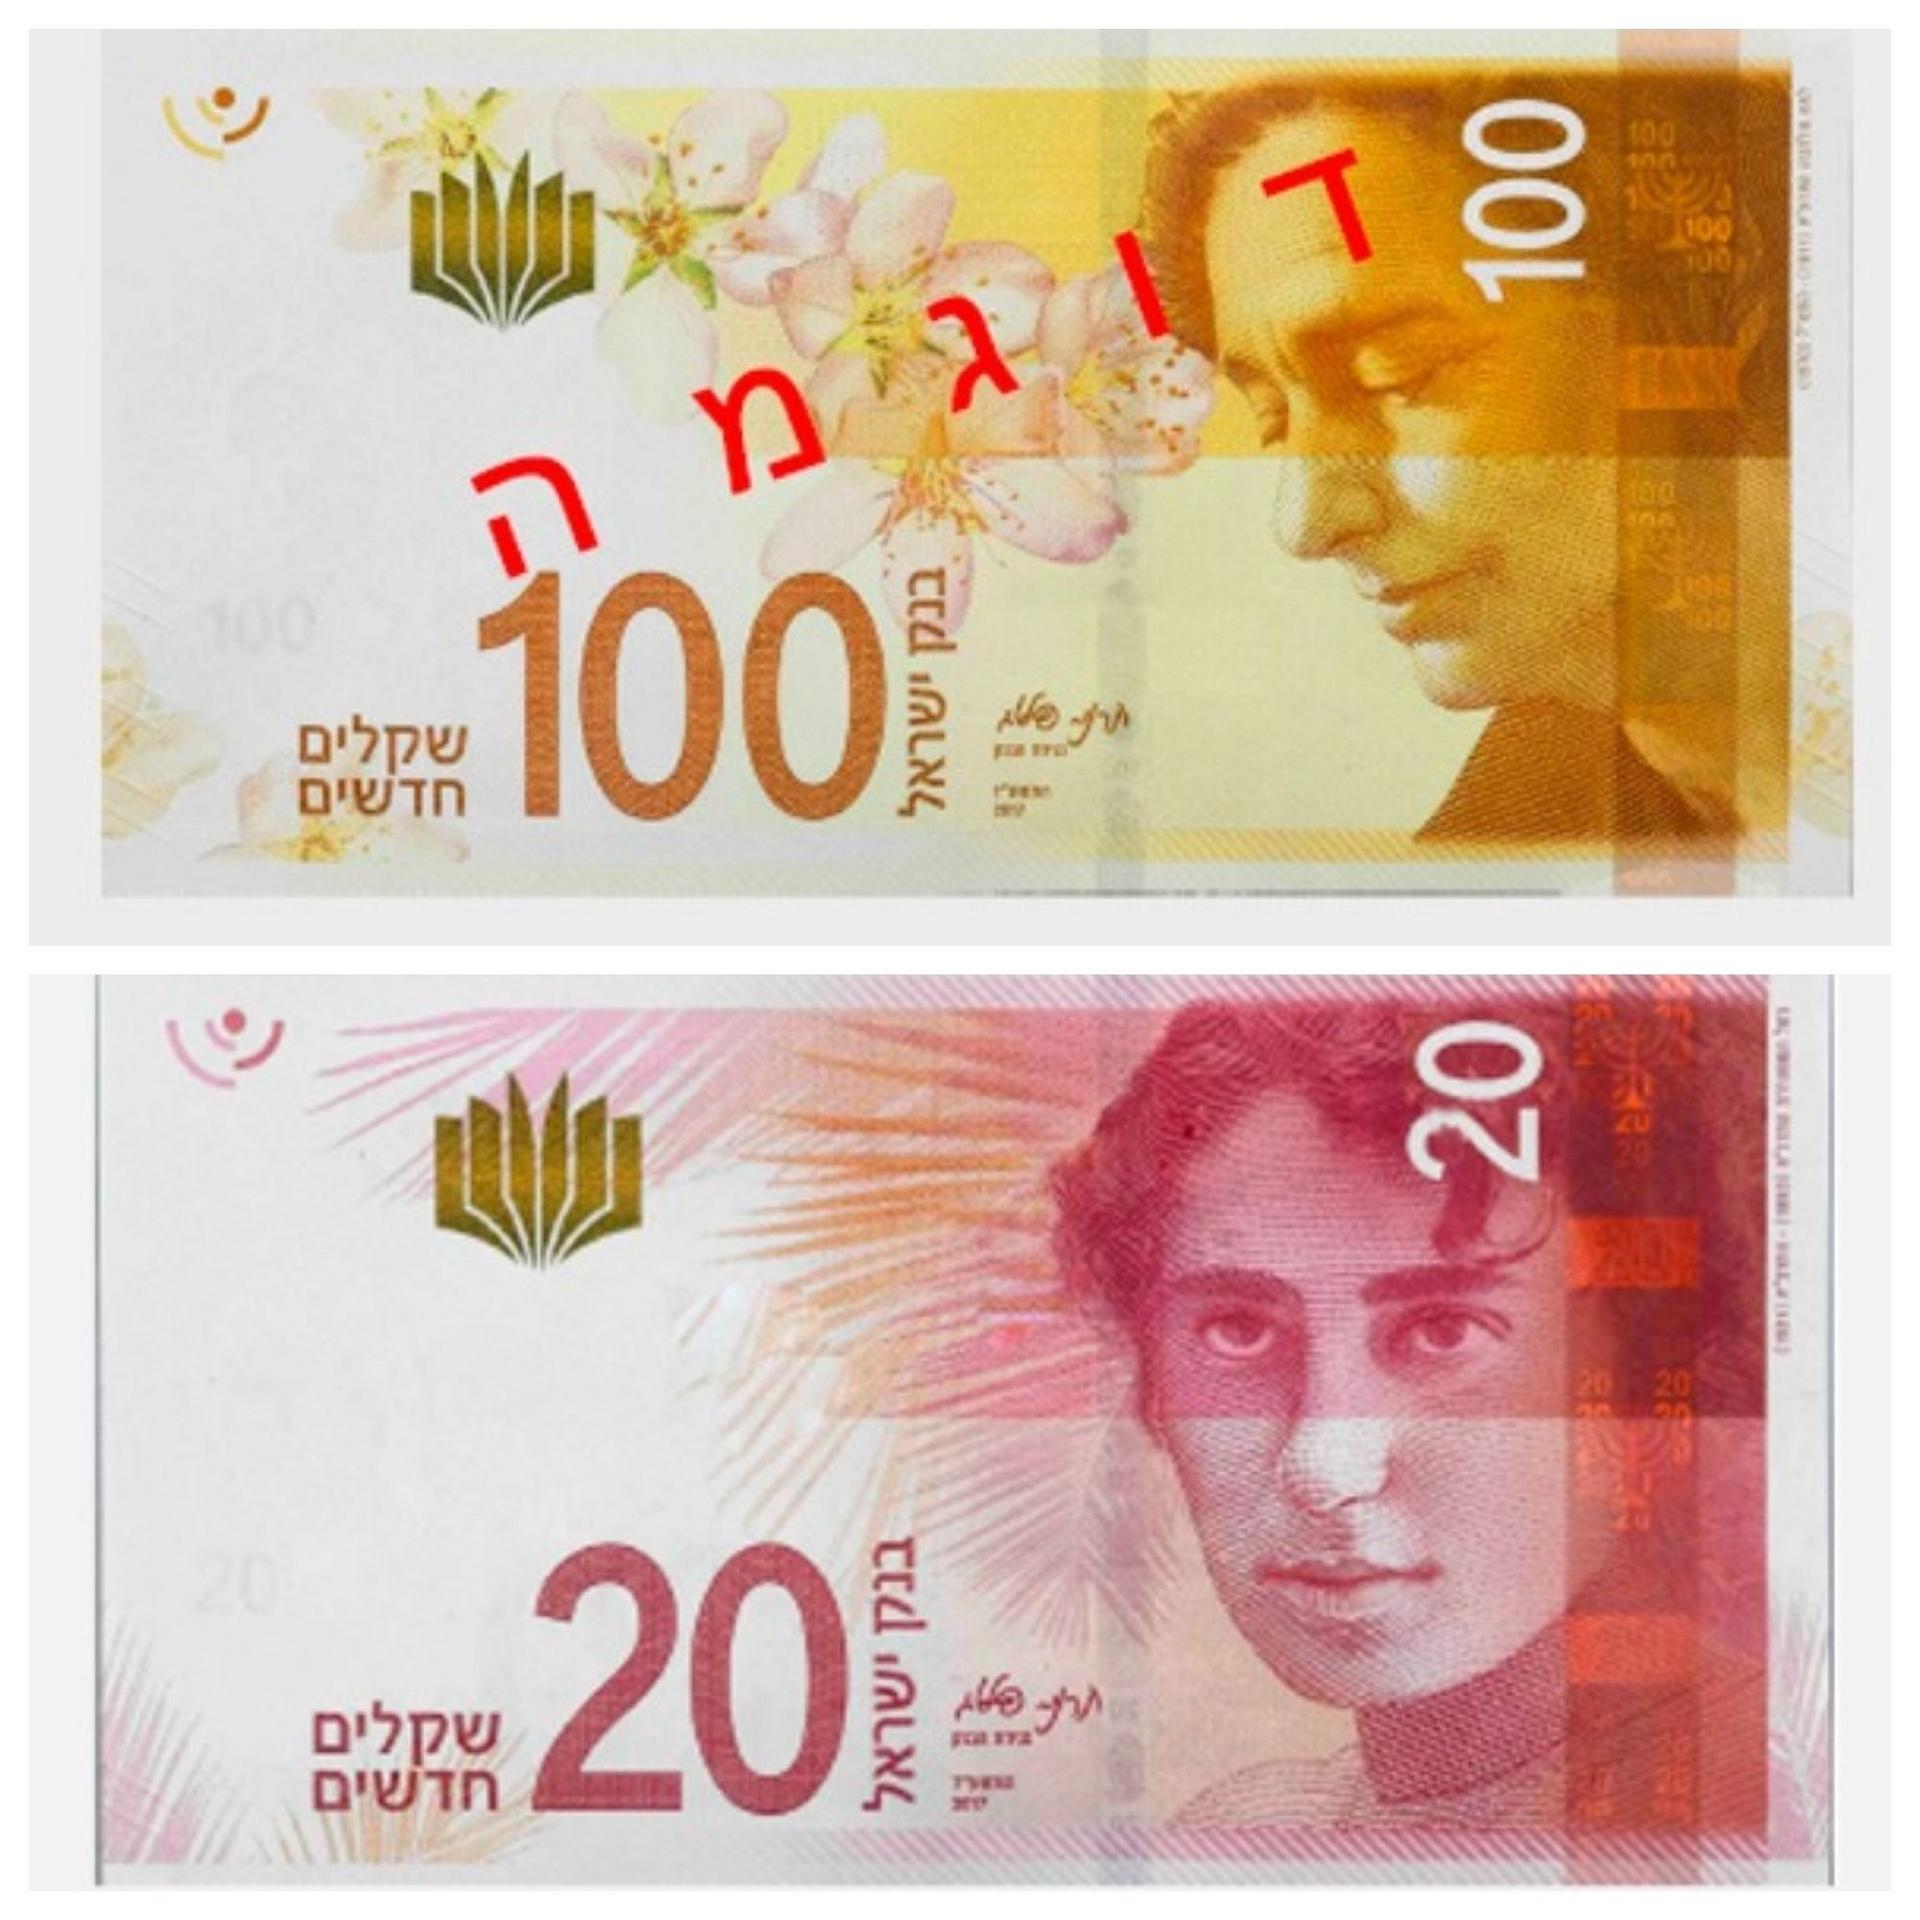 צילום: בנק ישראל